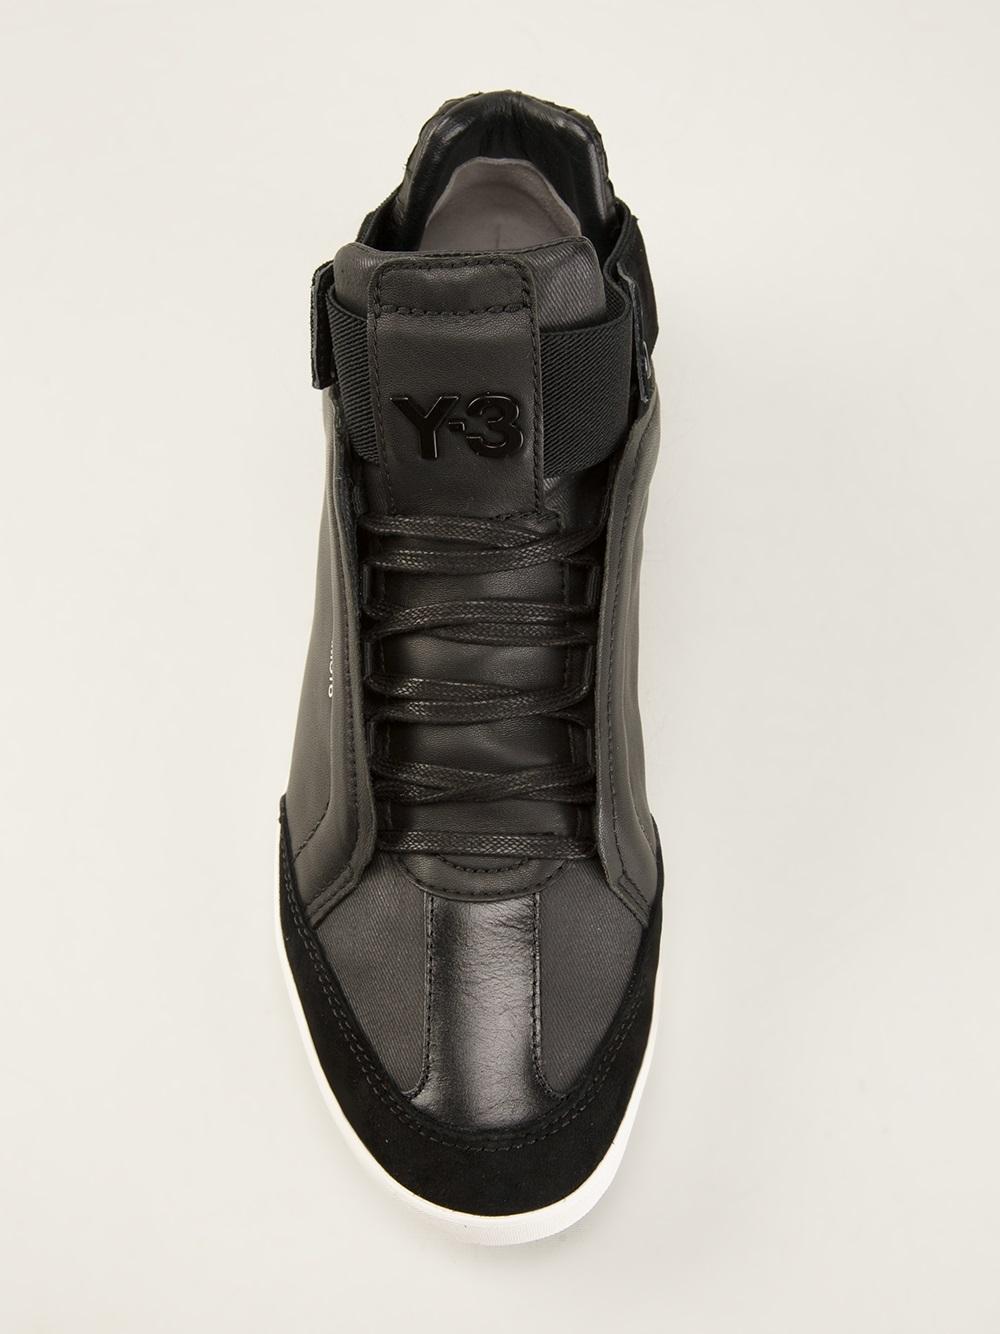 db2bb2afc Lyst - Y-3 Kazuhiri Shoe in Black for Men